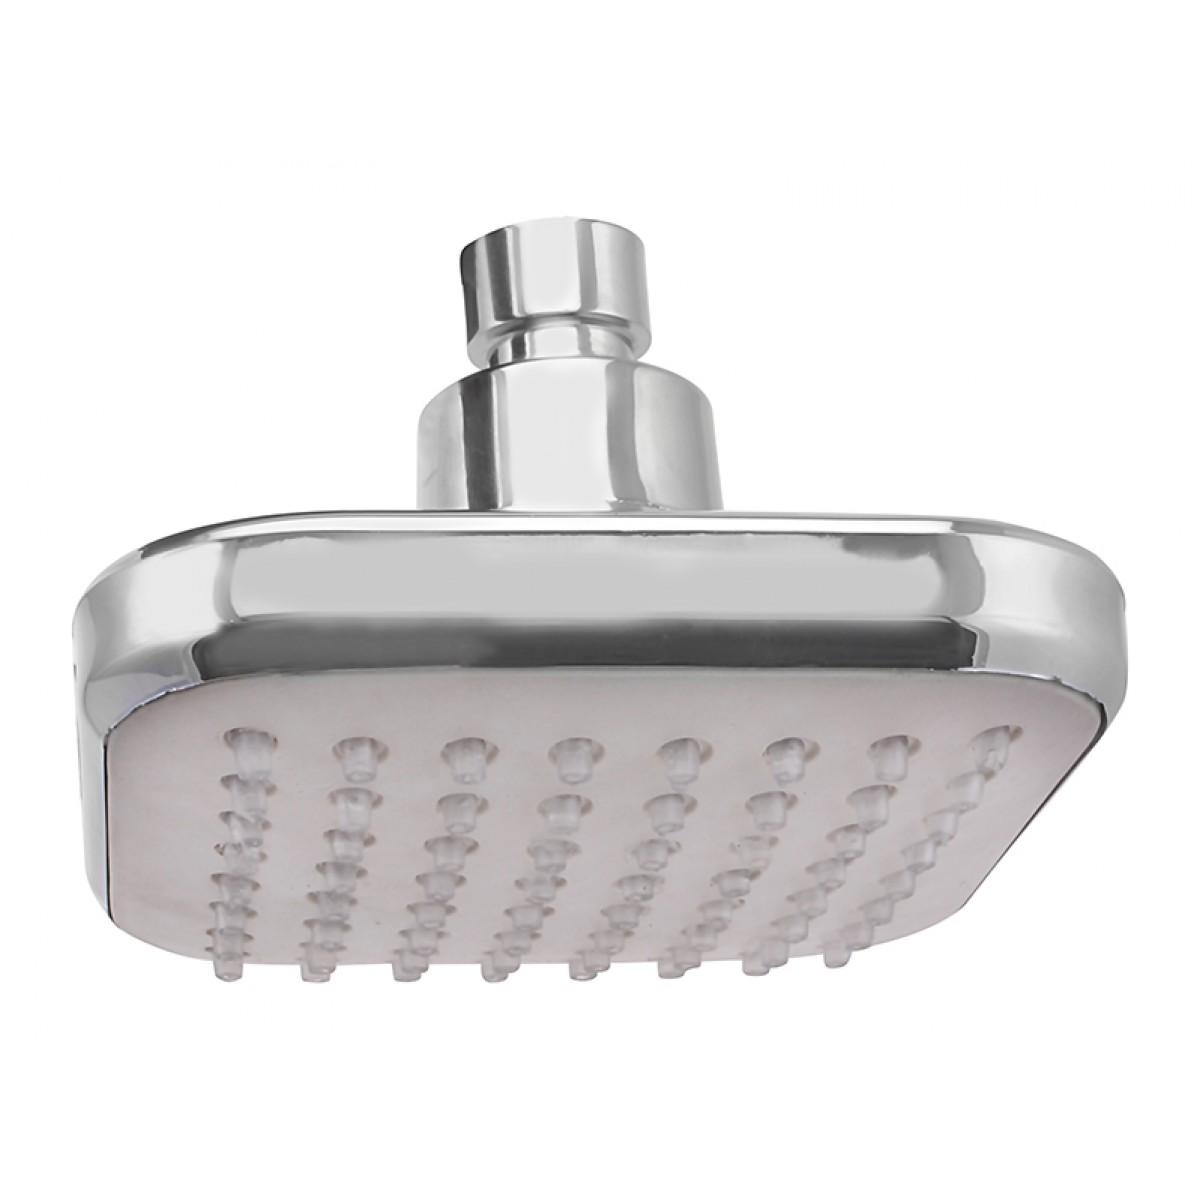 Buy Online Bathroom Shower Head - ABS Shower Head - 35x4x5 - Anna - Toy